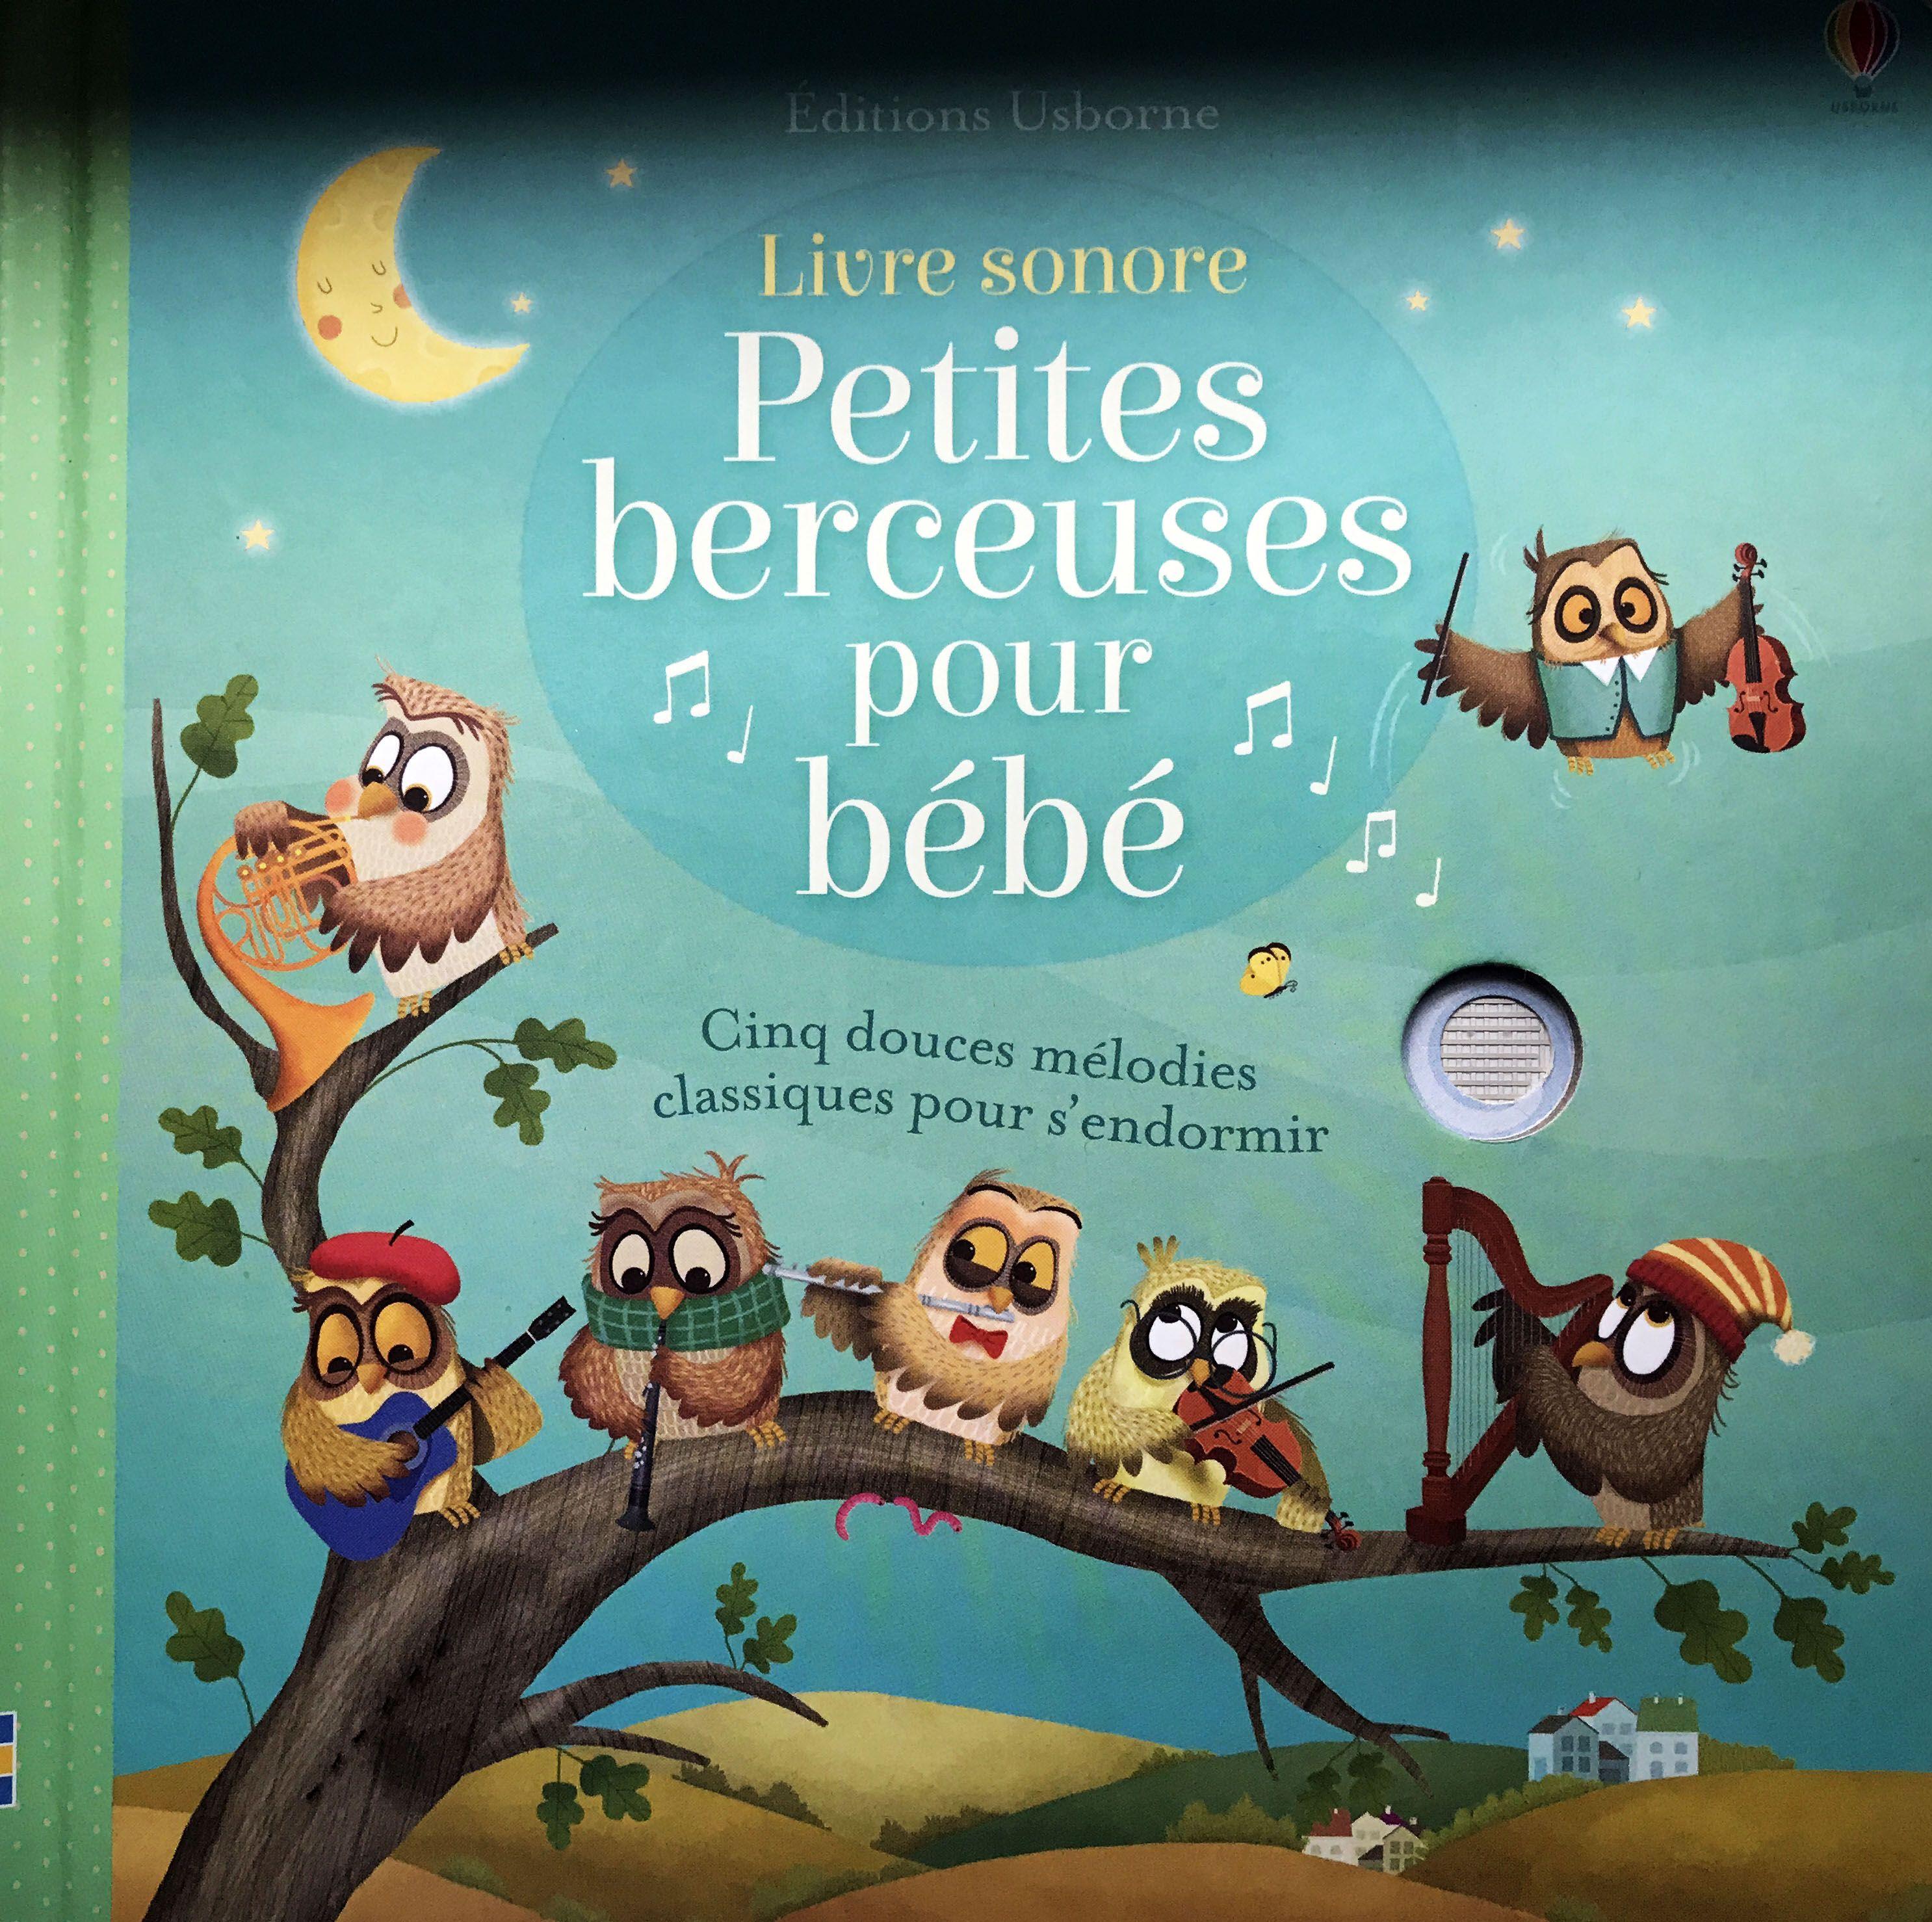 Un Livre Musical Pour Bebe Ideal Le Soir Avant De S